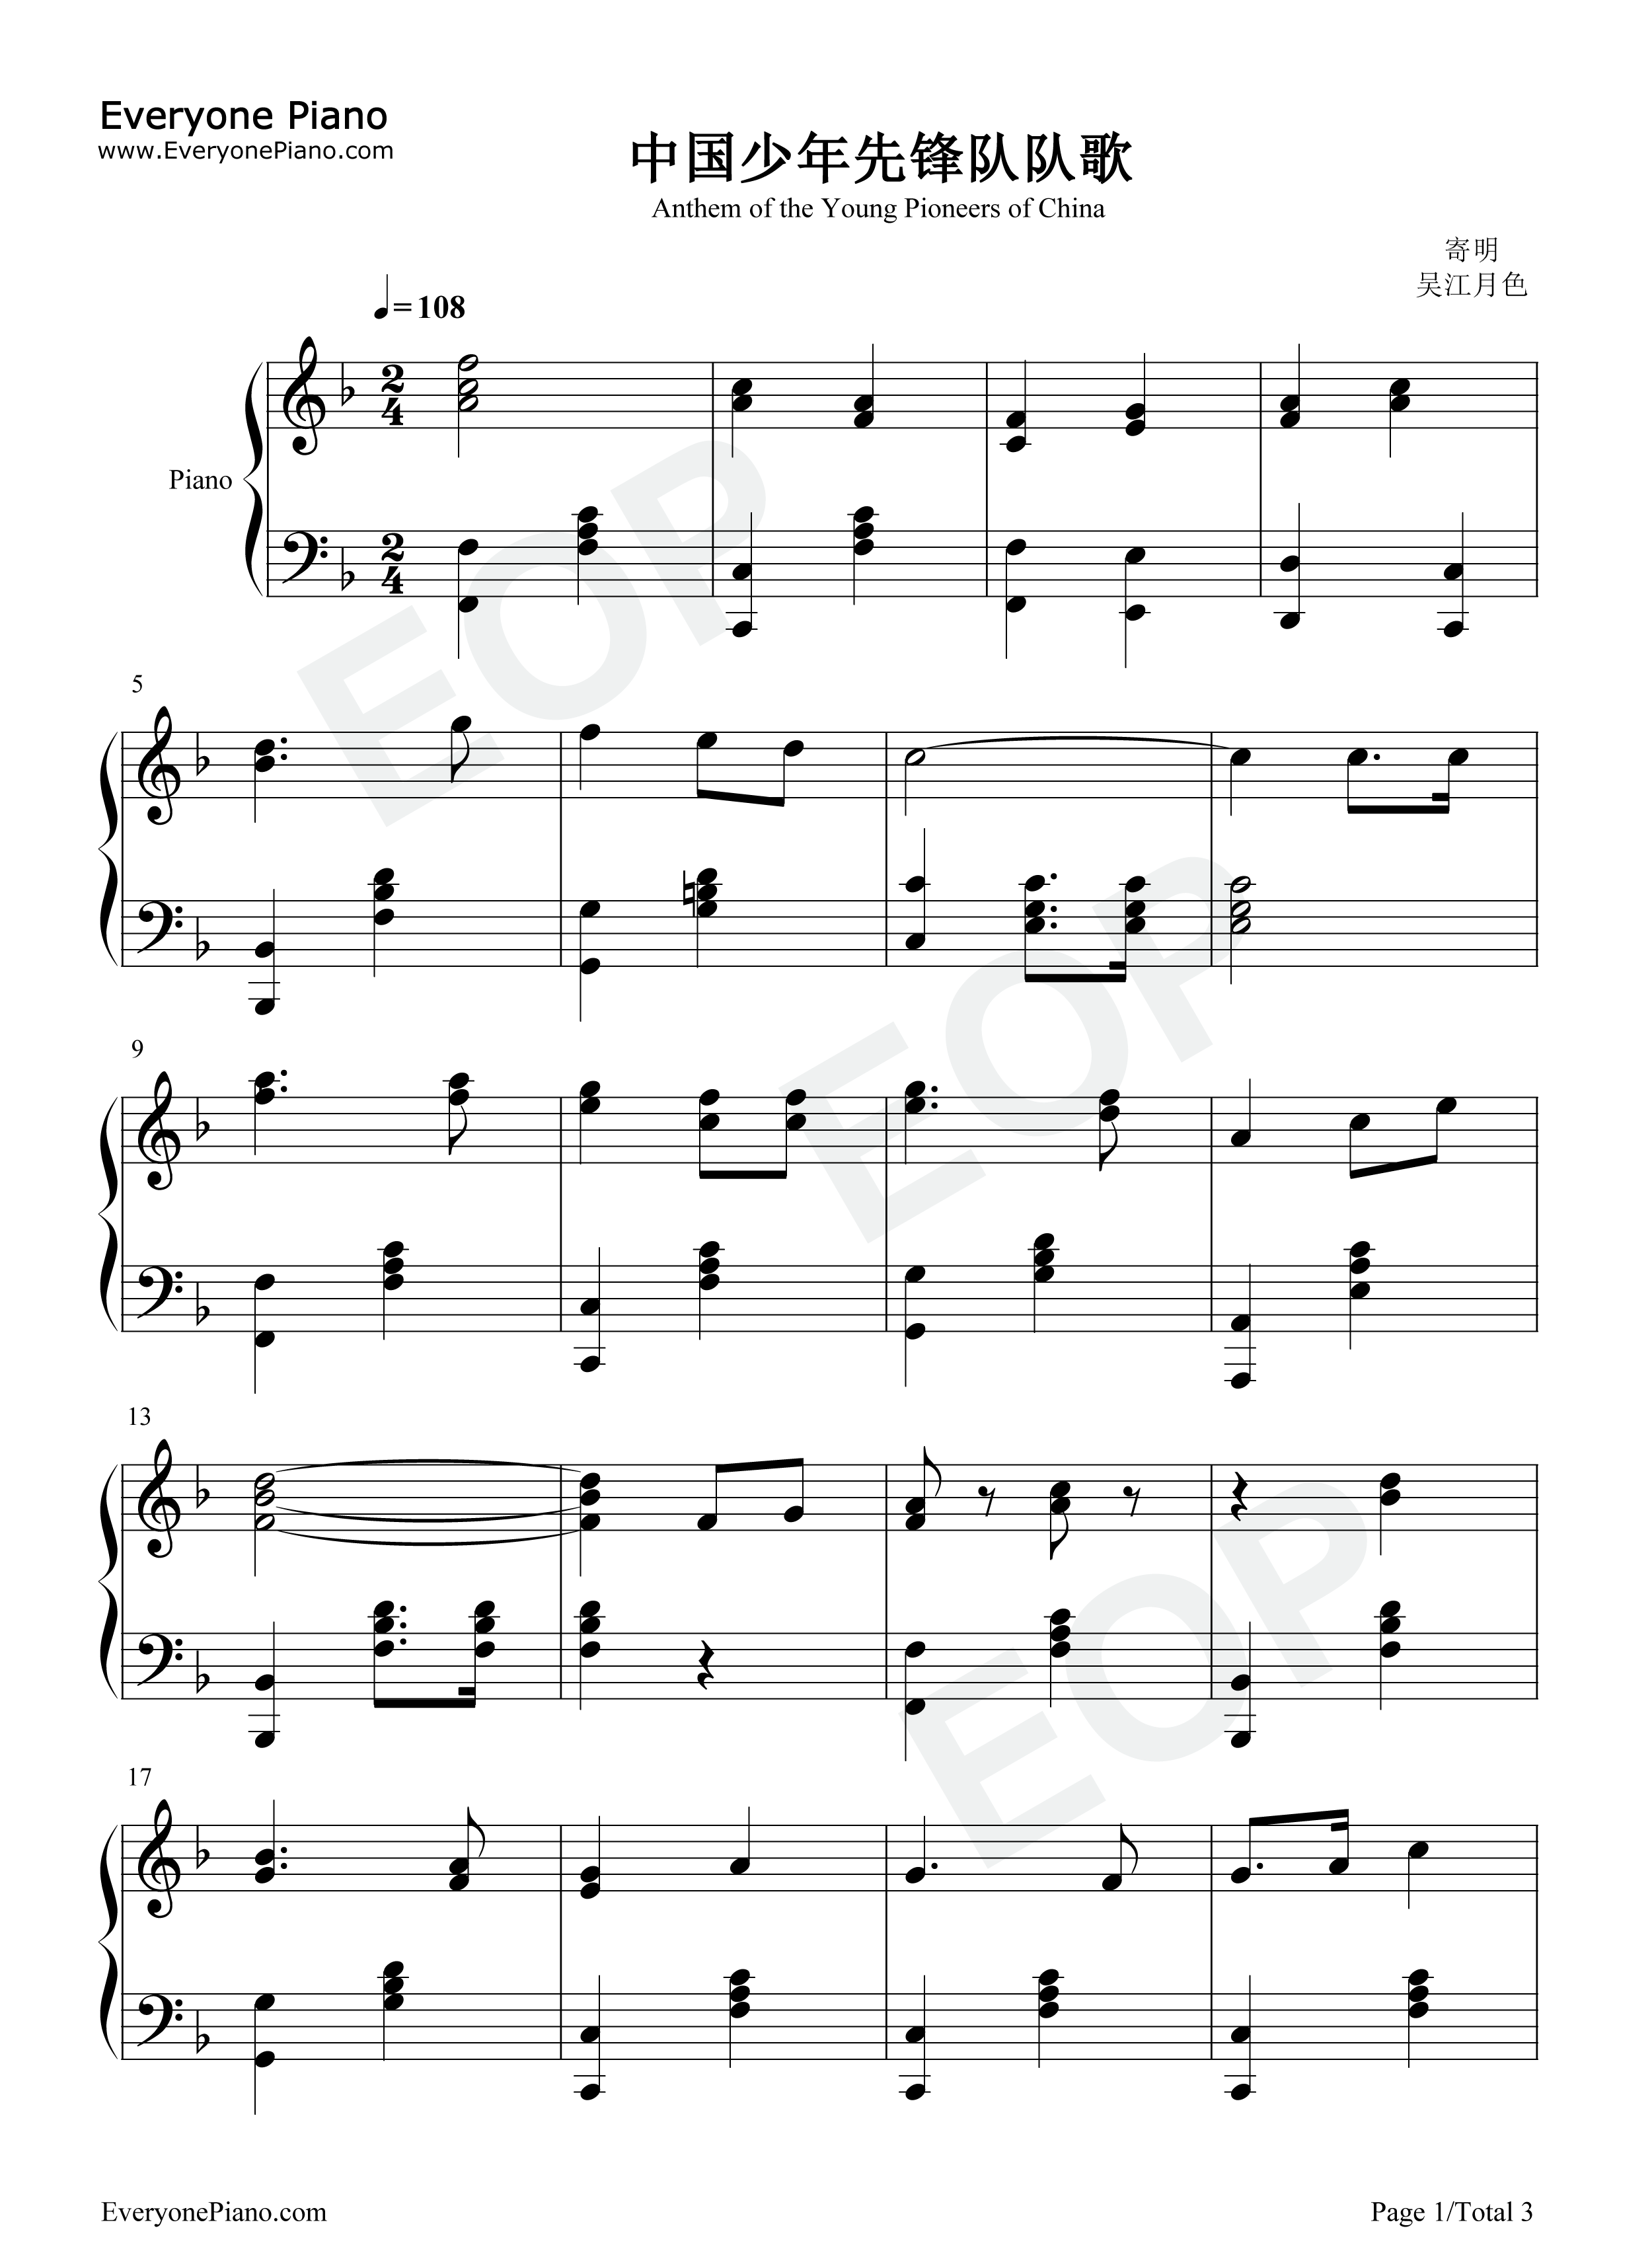 中国少年先锋队队歌-《英雄小八路》主题歌五线谱图片